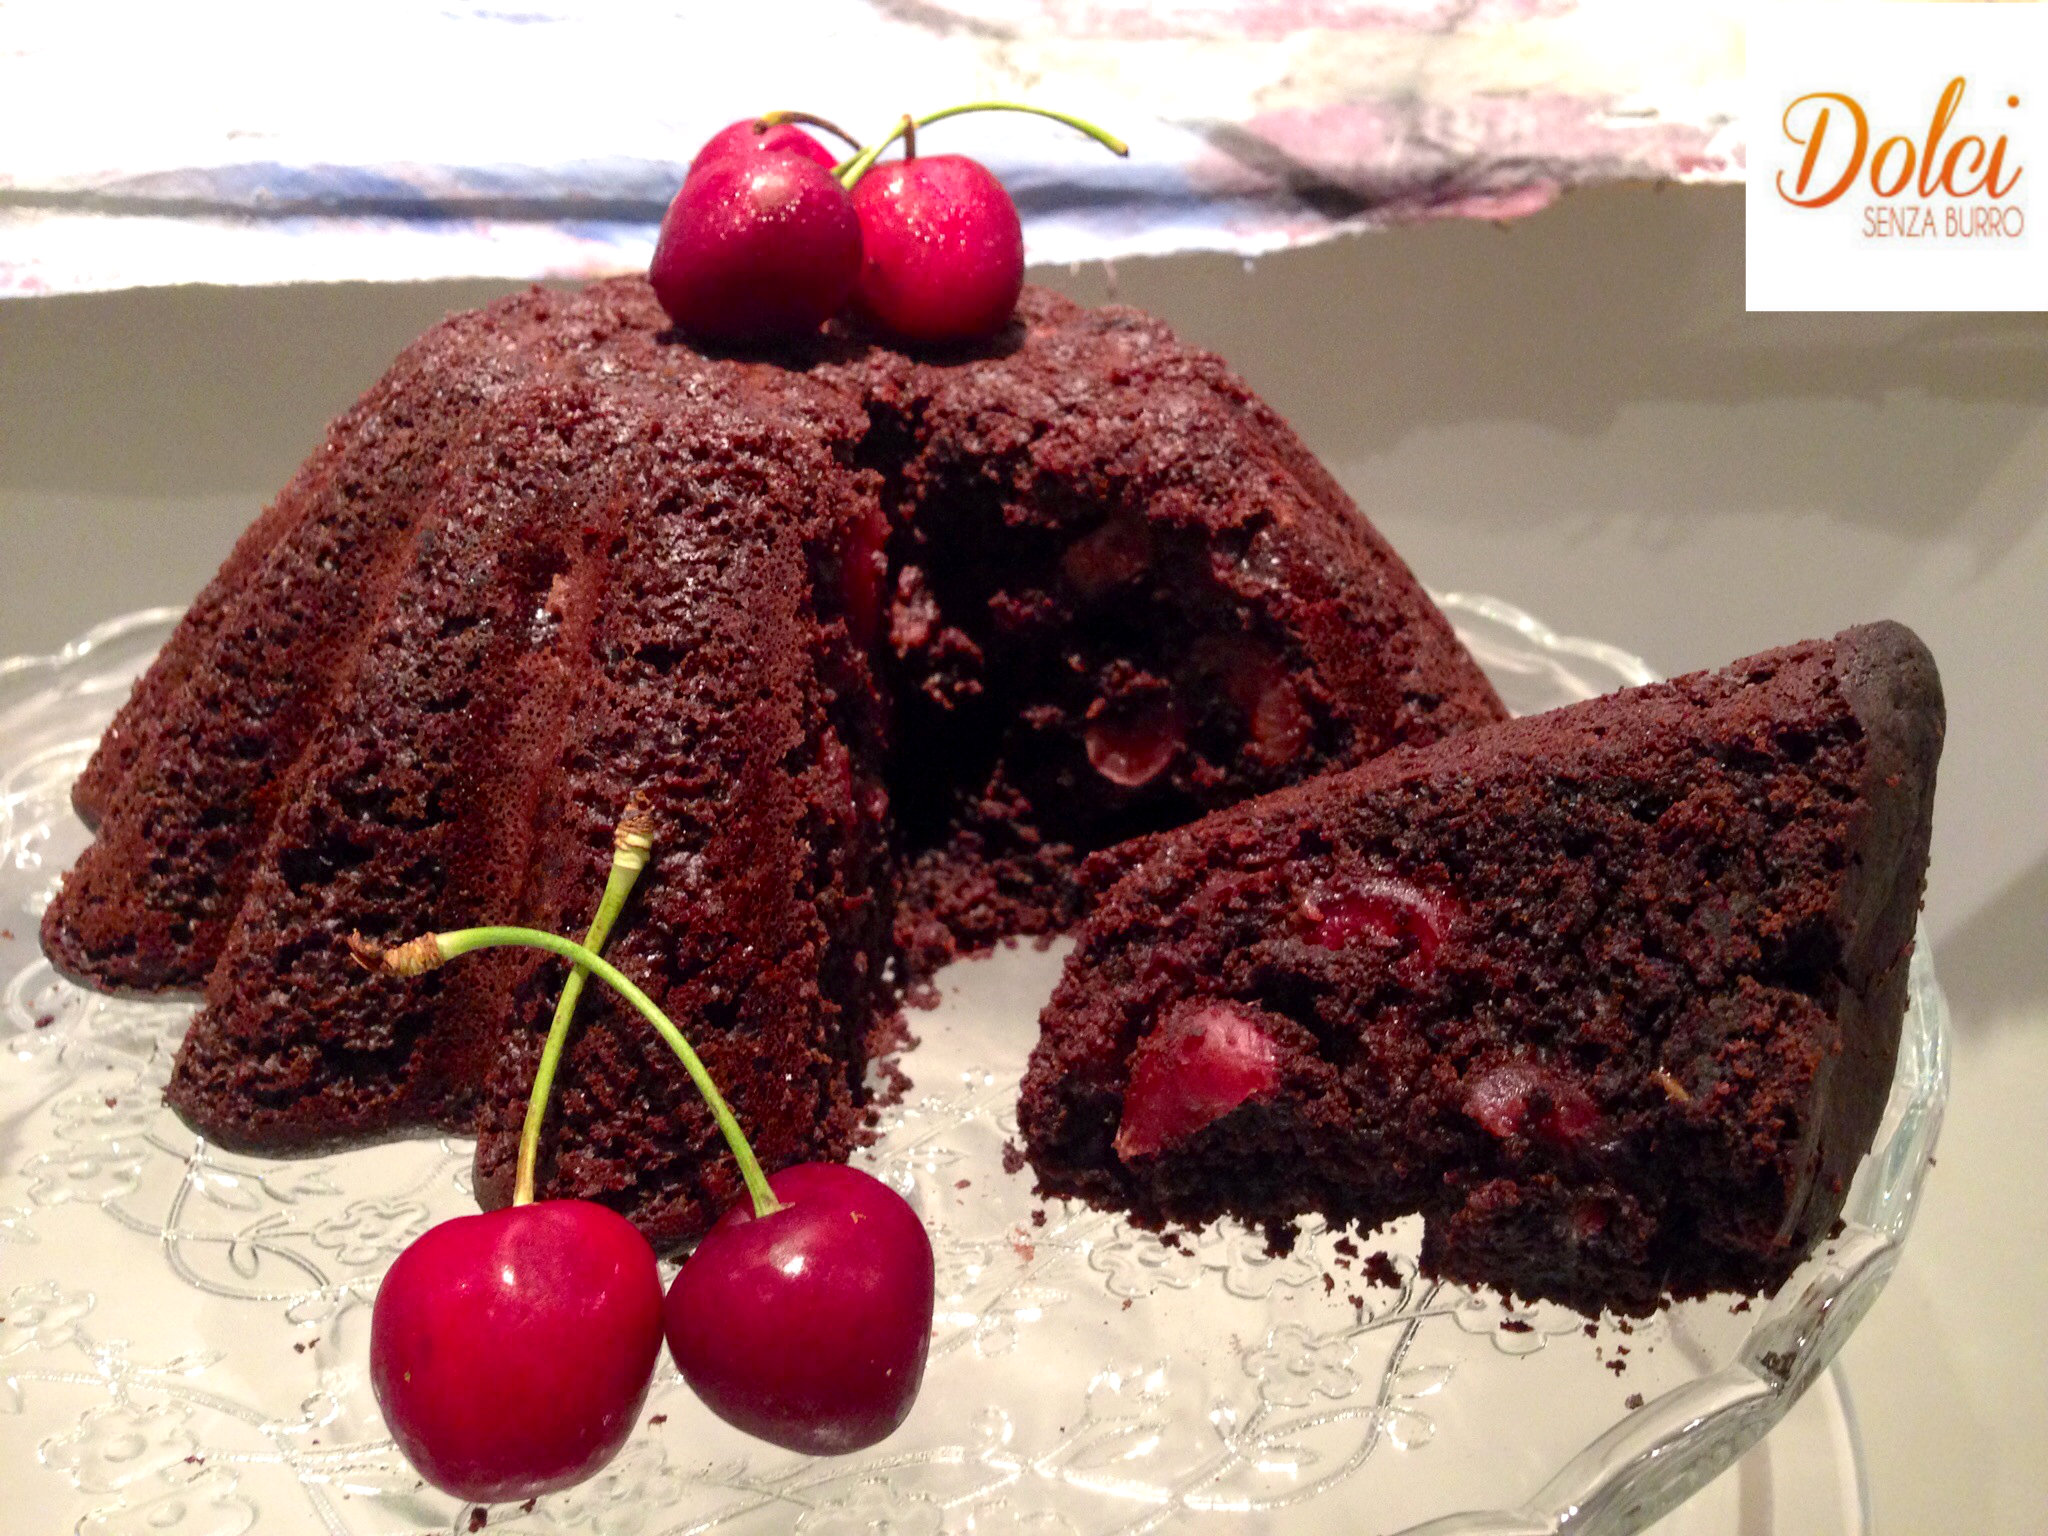 Torta al Cioccolato Senza Burro con Ciliegie, un dolce leggero goloso di dolci senza burro